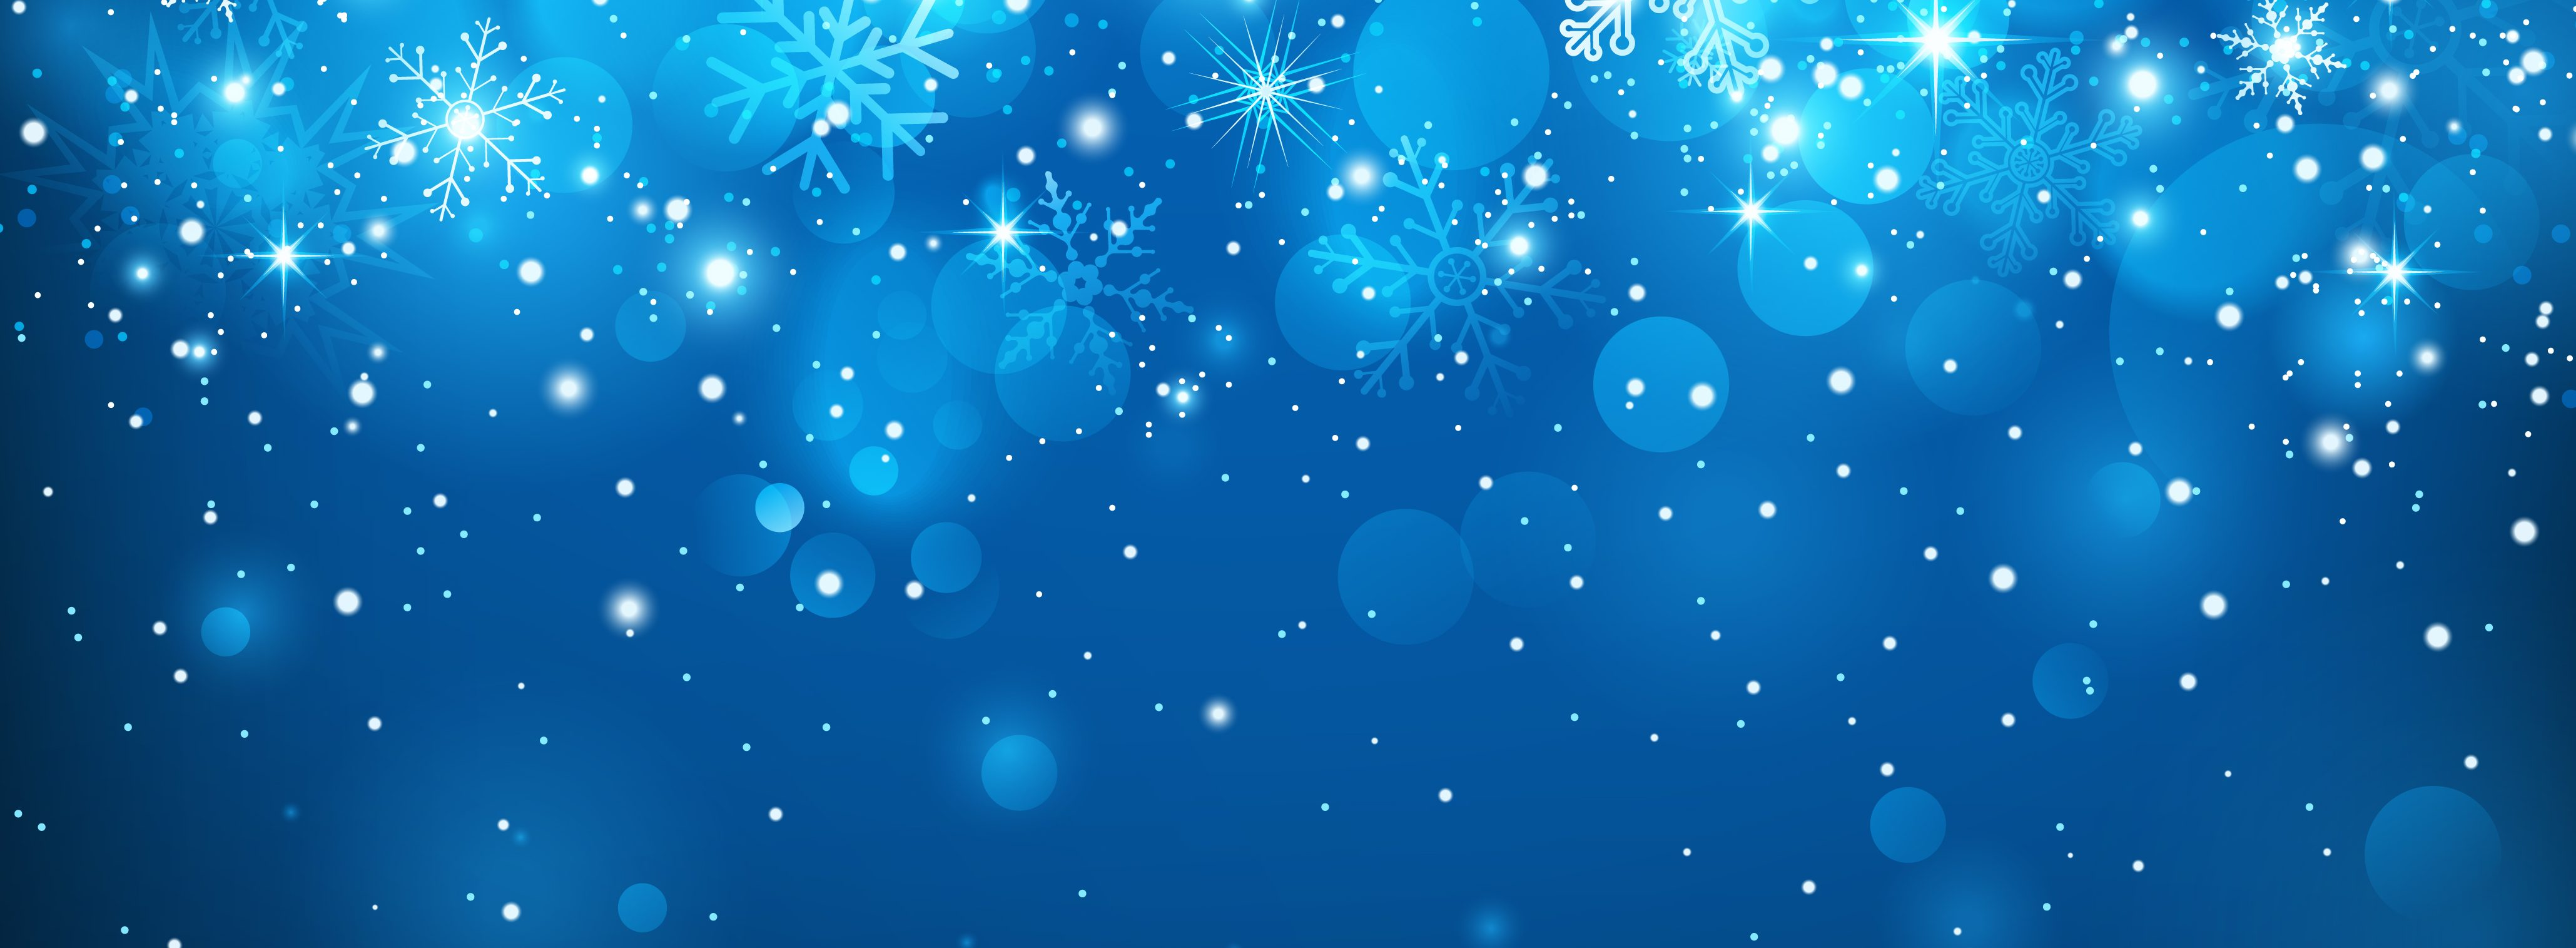 Αυτά τα Χριστούγεννα υιοθετούμε τις ευχές μικρών παιδιών.